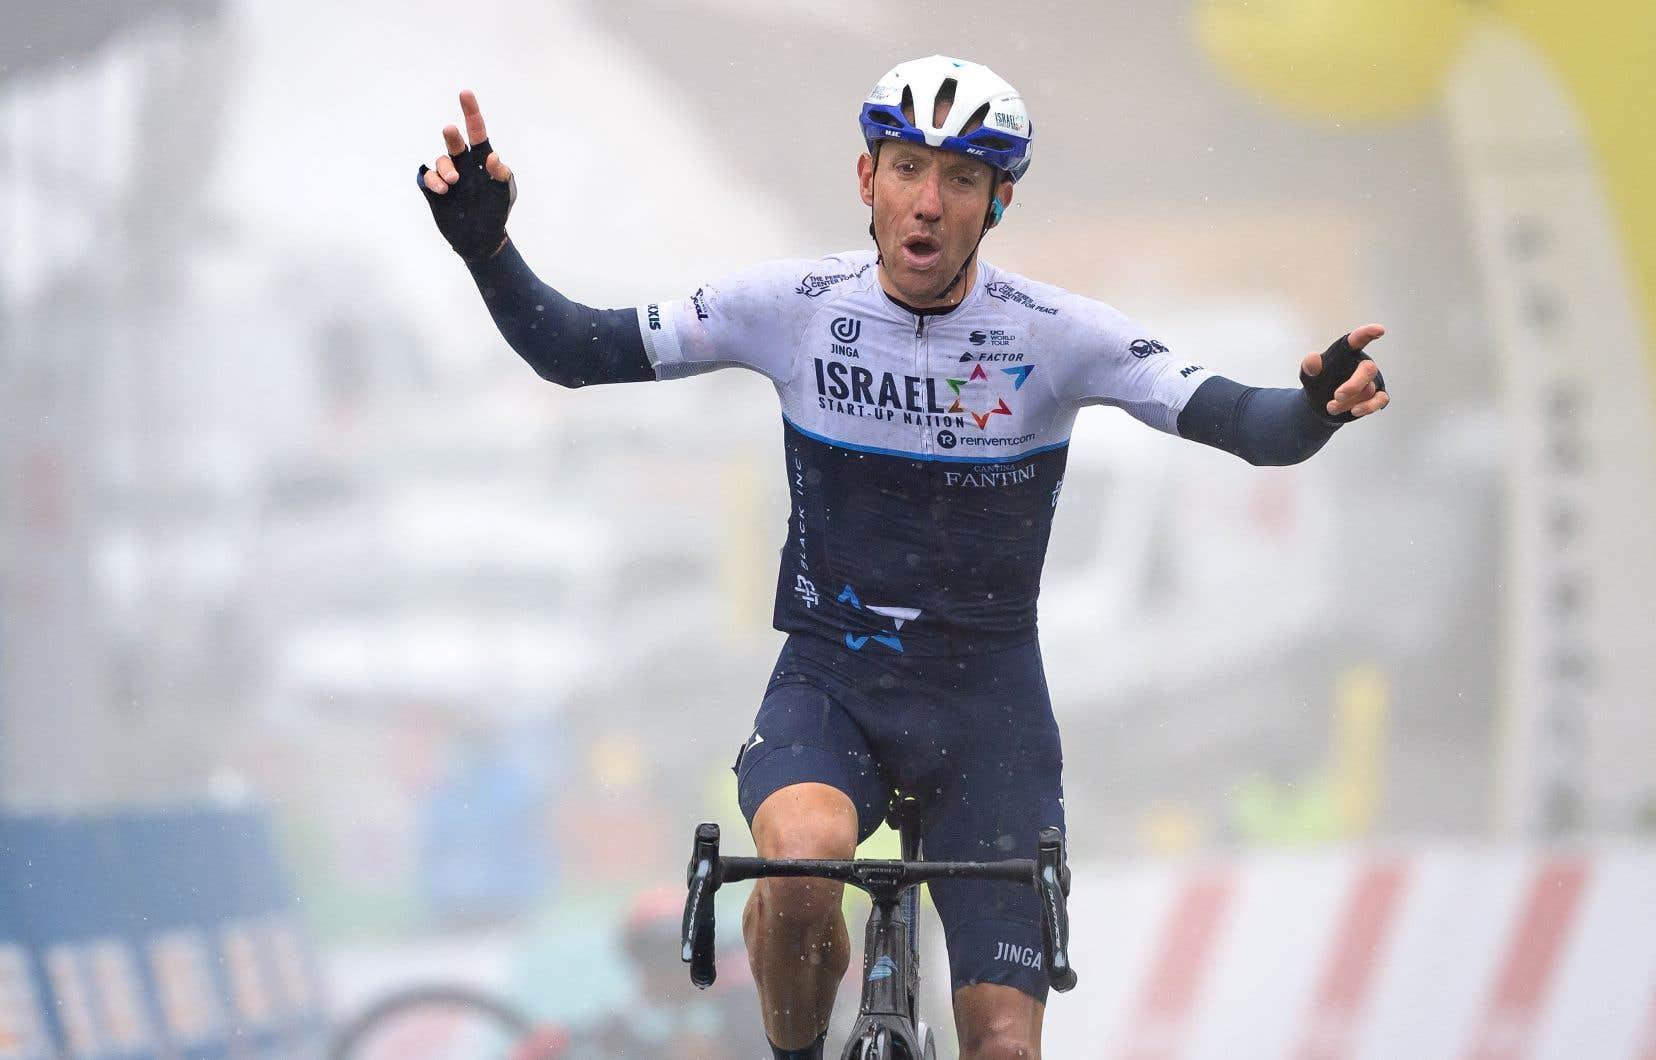 Le Canadien Michael Woods célèbre en franchissant la ligne d'arrivée de l'étape 5, 161,3 km de Sion à Thyon 2000, lors dy Tour de Romandie pour la UCI World Tour 2021, le 1er mai 2021 à Thyon.